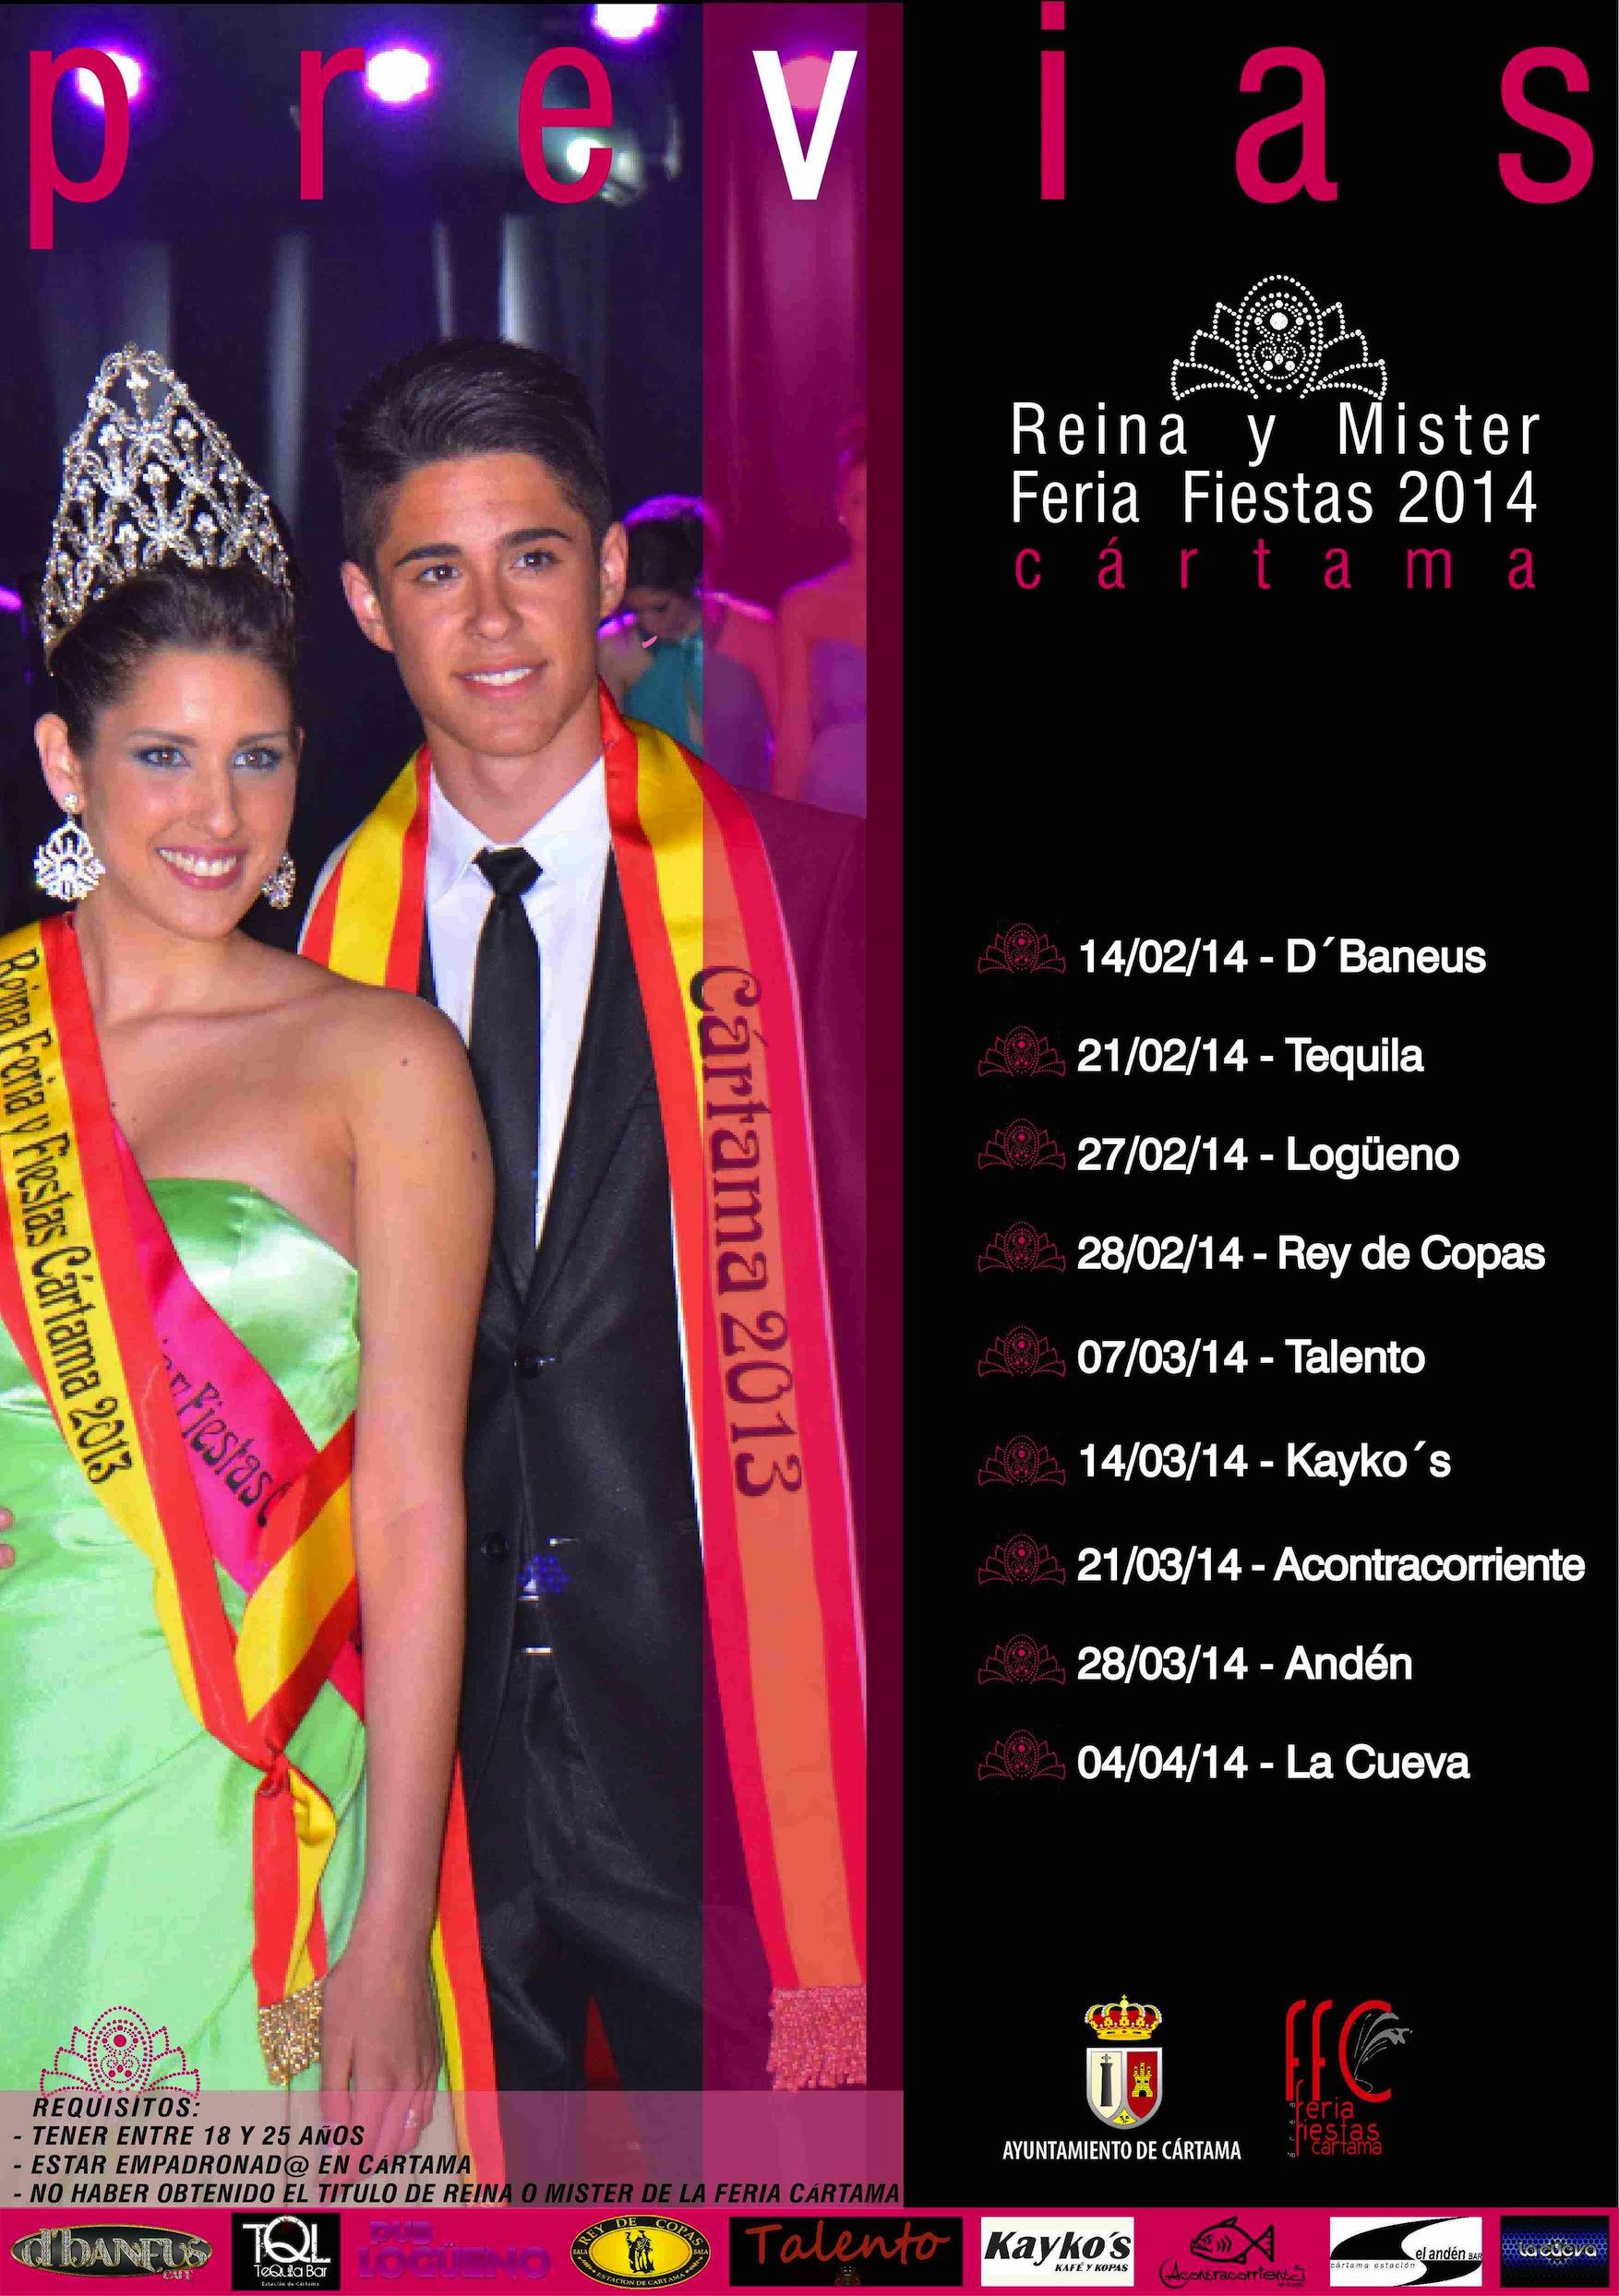 La elección de candidatos a Reina y Míster 2014 contará este año con galas previas en los bares de copas